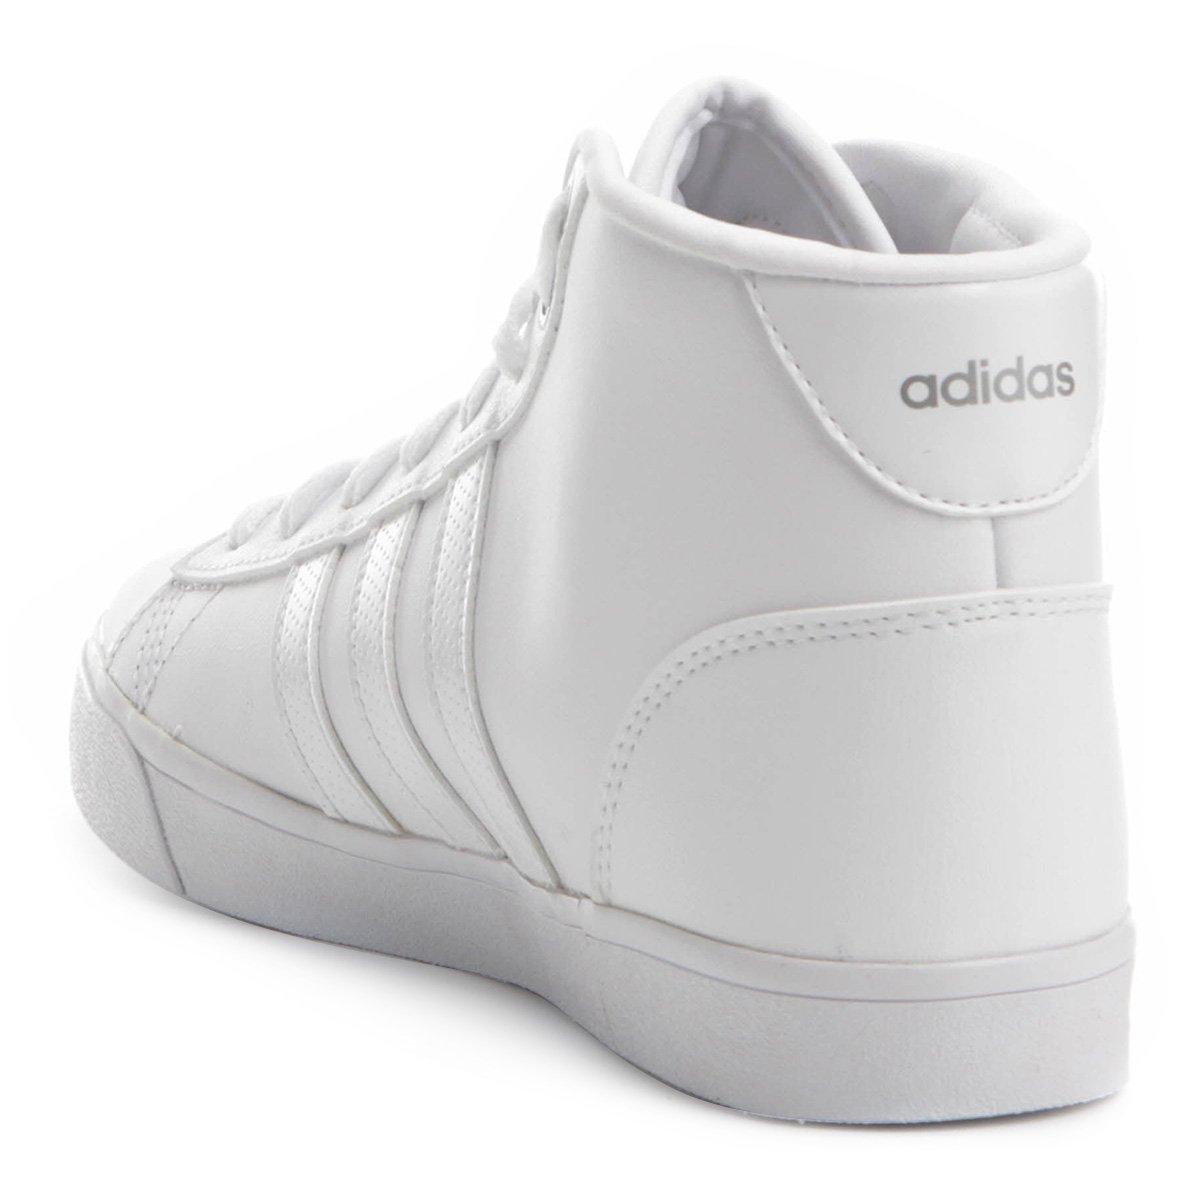 Tênis Adidas Cloudfoam Daily QT Feminino - Branco - Compre Agora ... 309e6710efa65